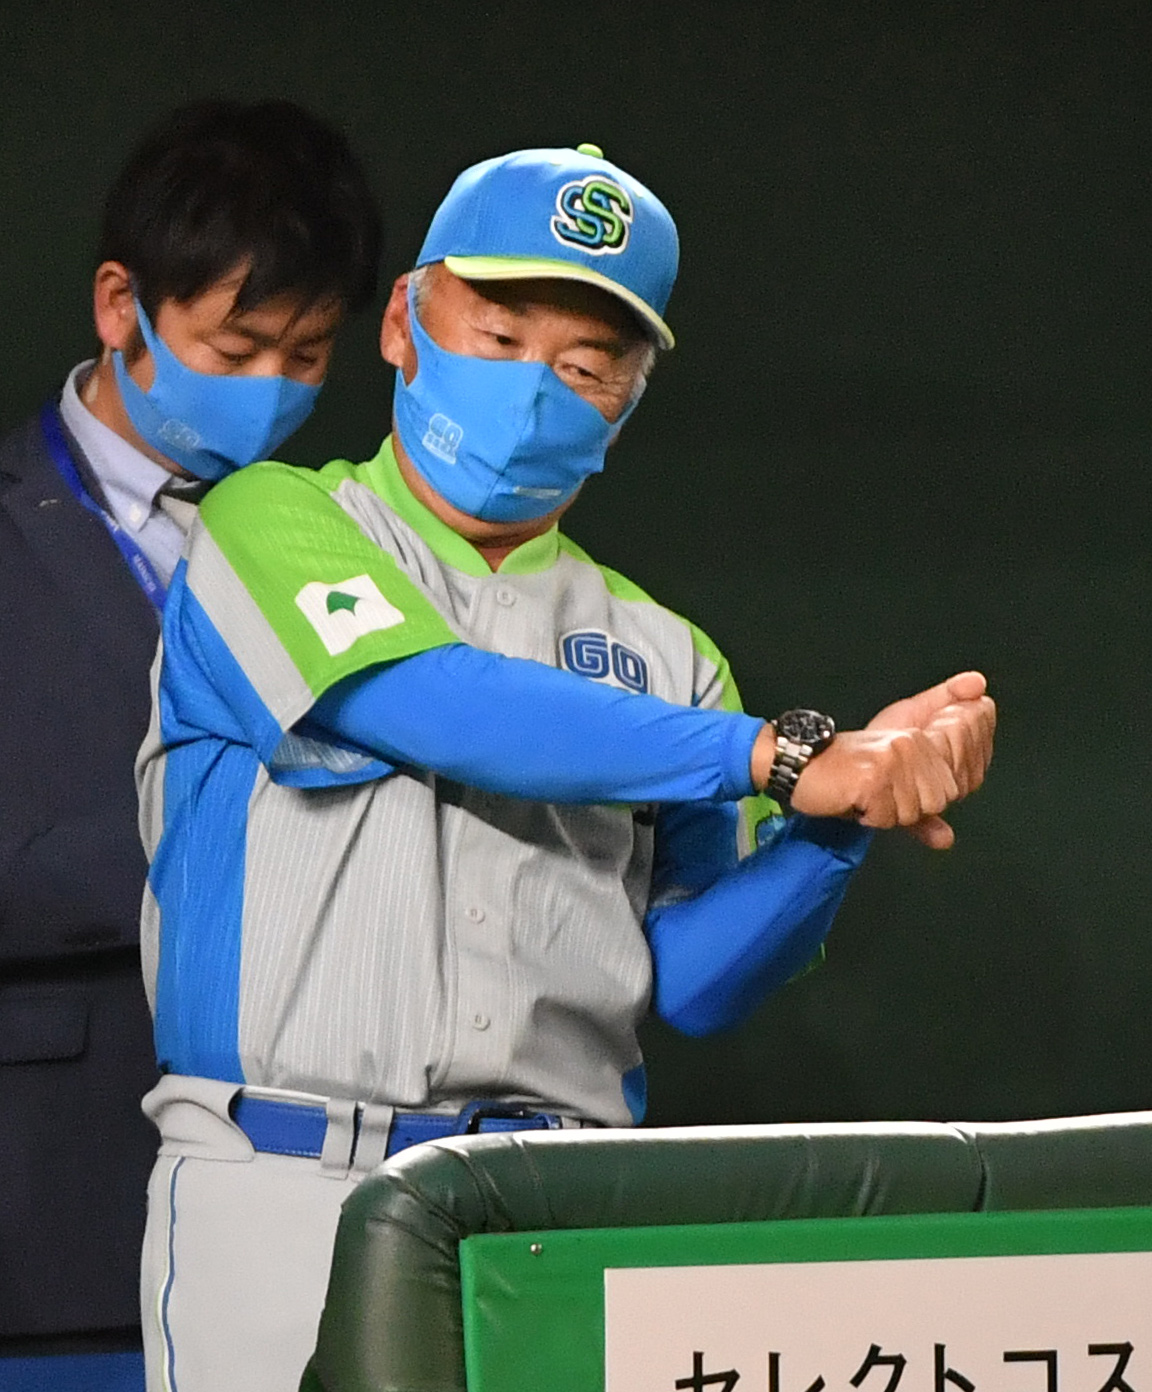 三菱自動車倉敷オーシャンズ対セガサミー 2回戦を勝ったセガサミー・西田監督(撮影・柴田隆二)